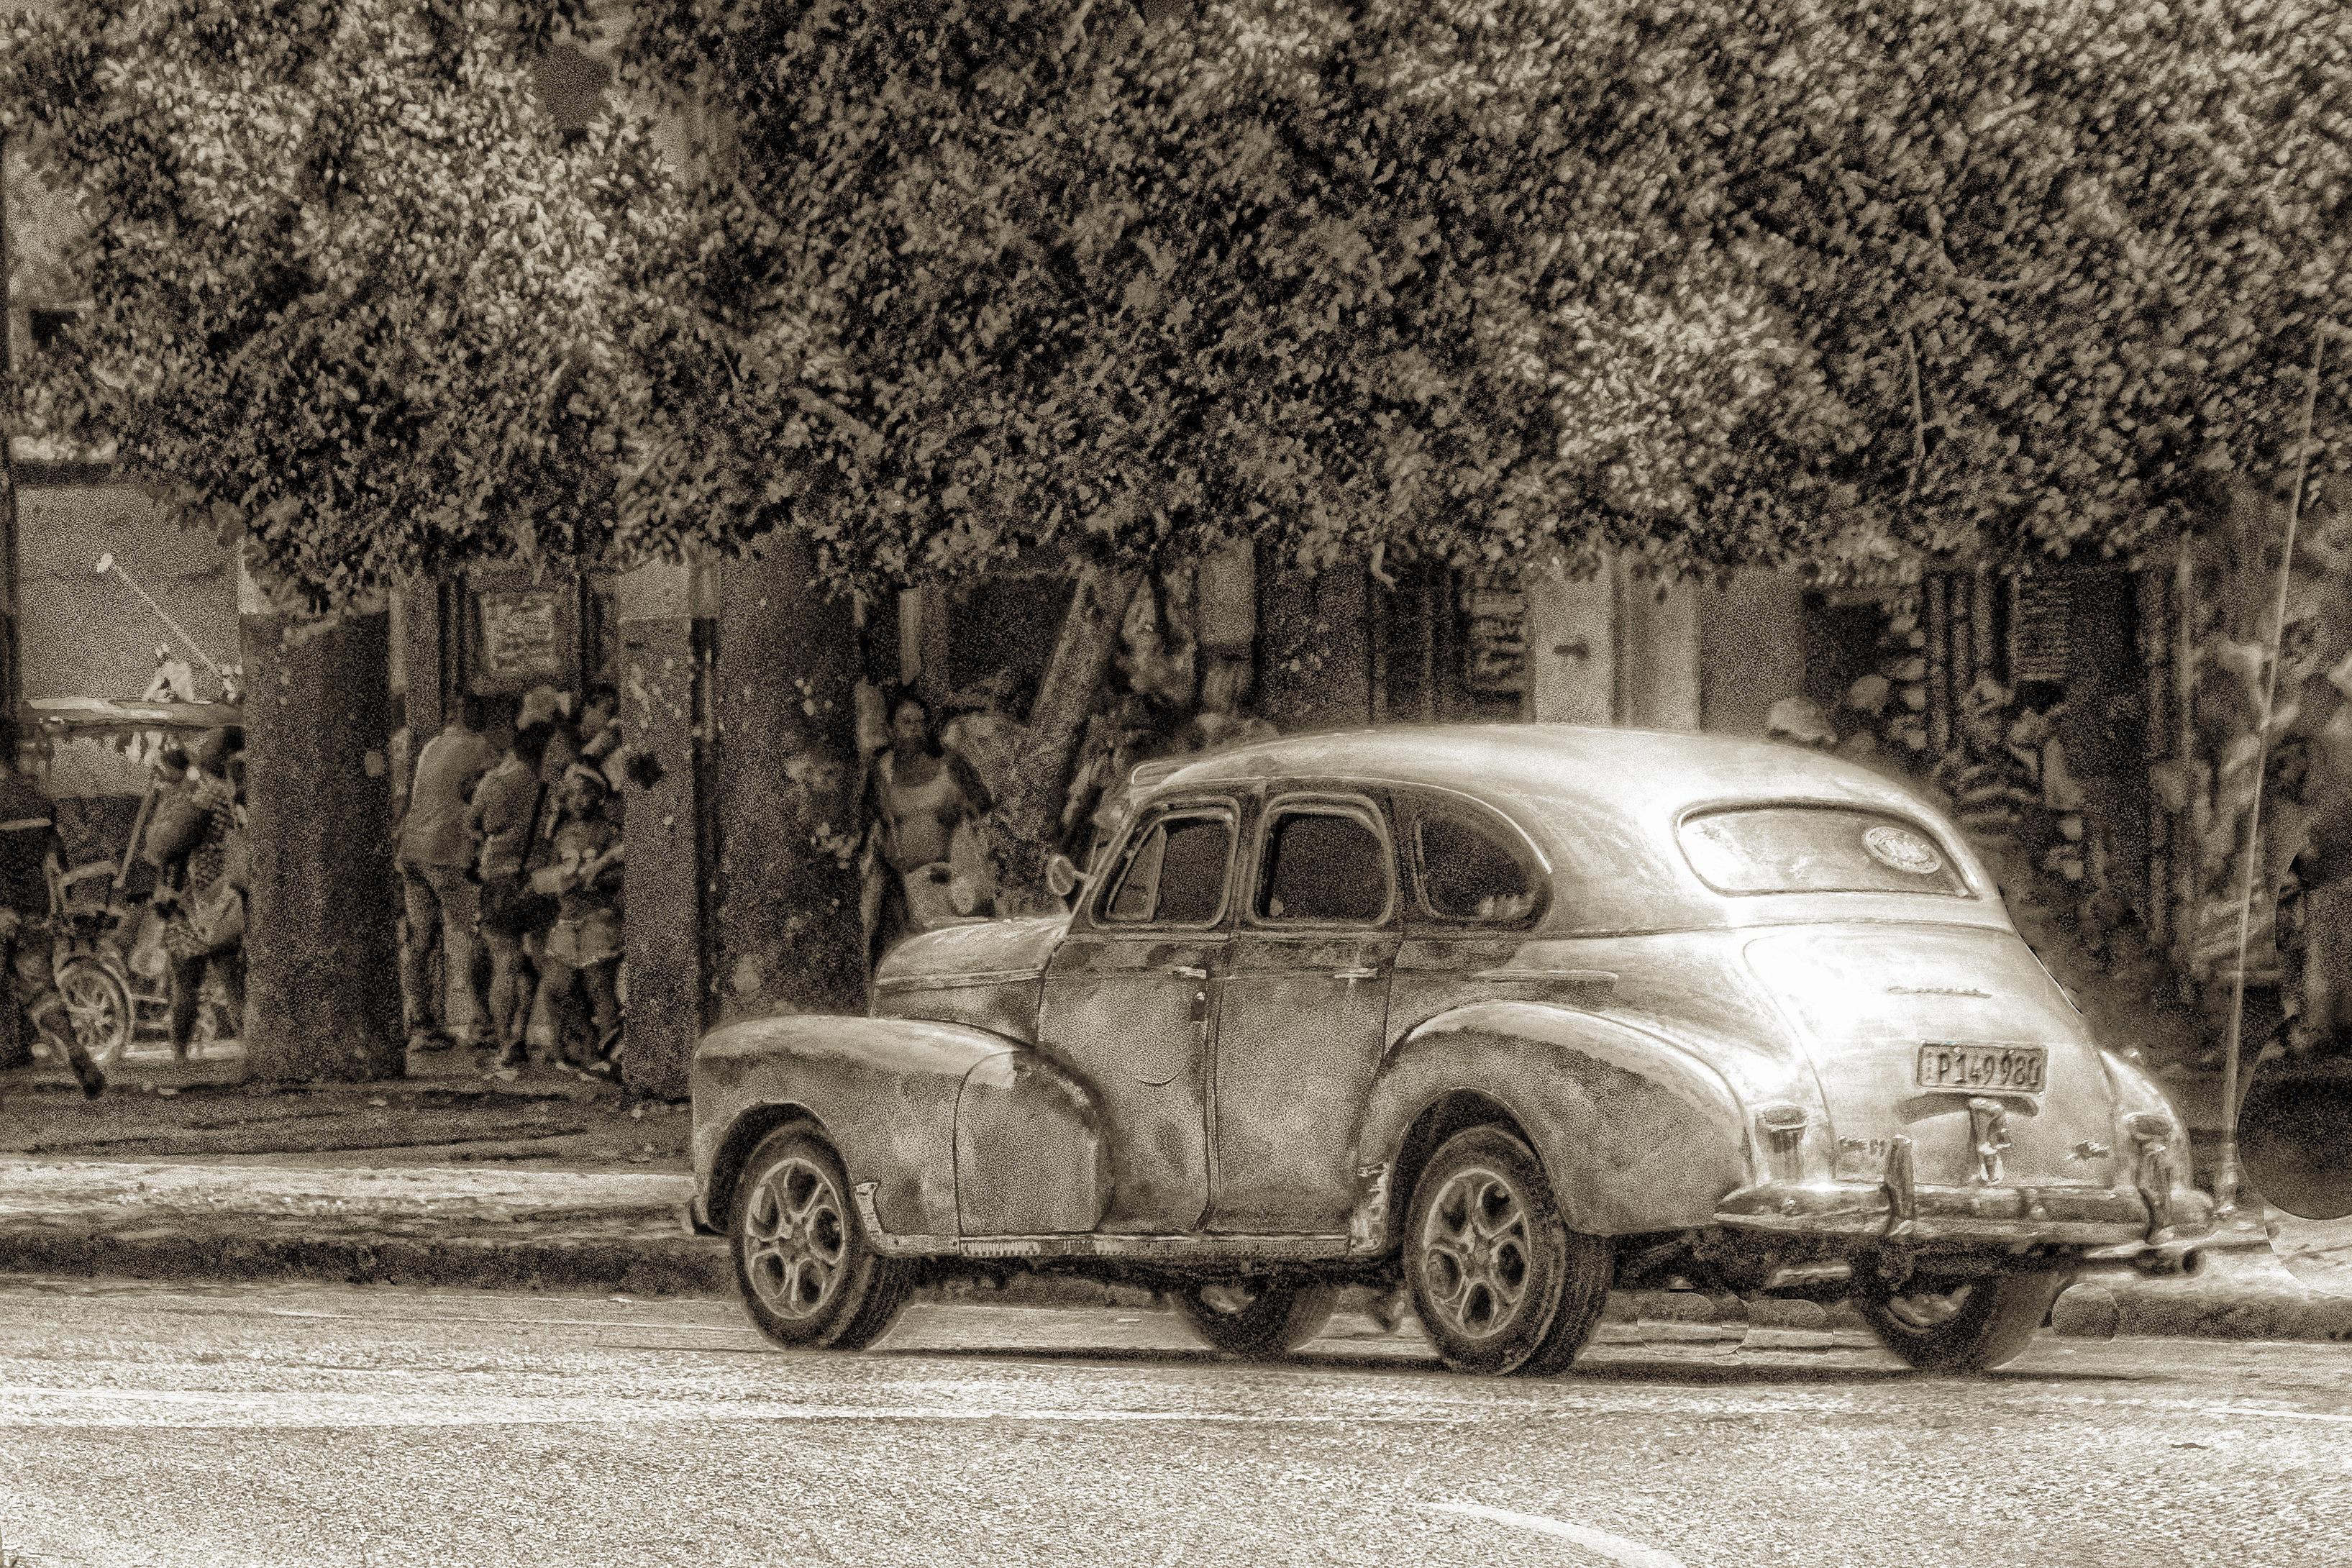 58151G - Vintage Car - BW